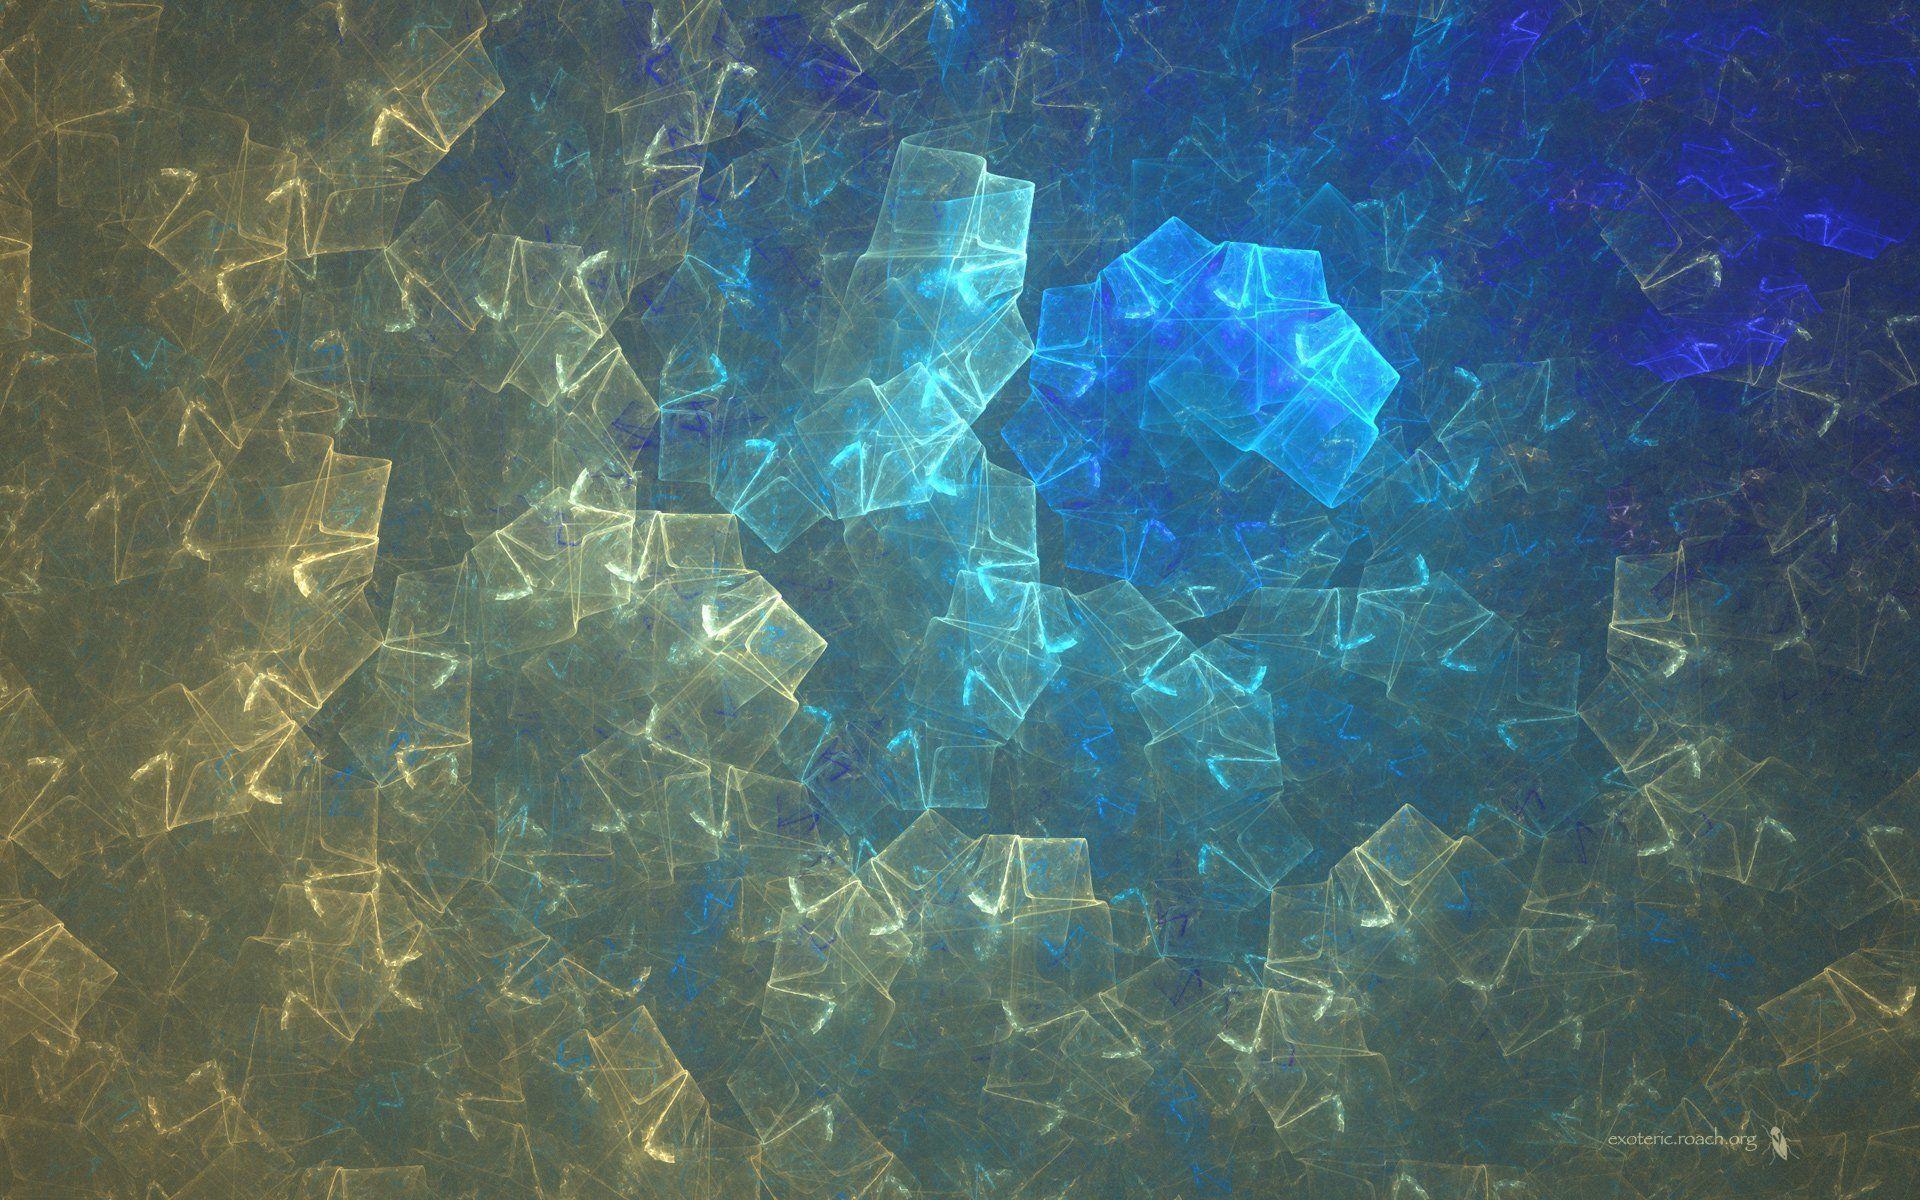 Fractal Wallpaper 364041 - WallDevil